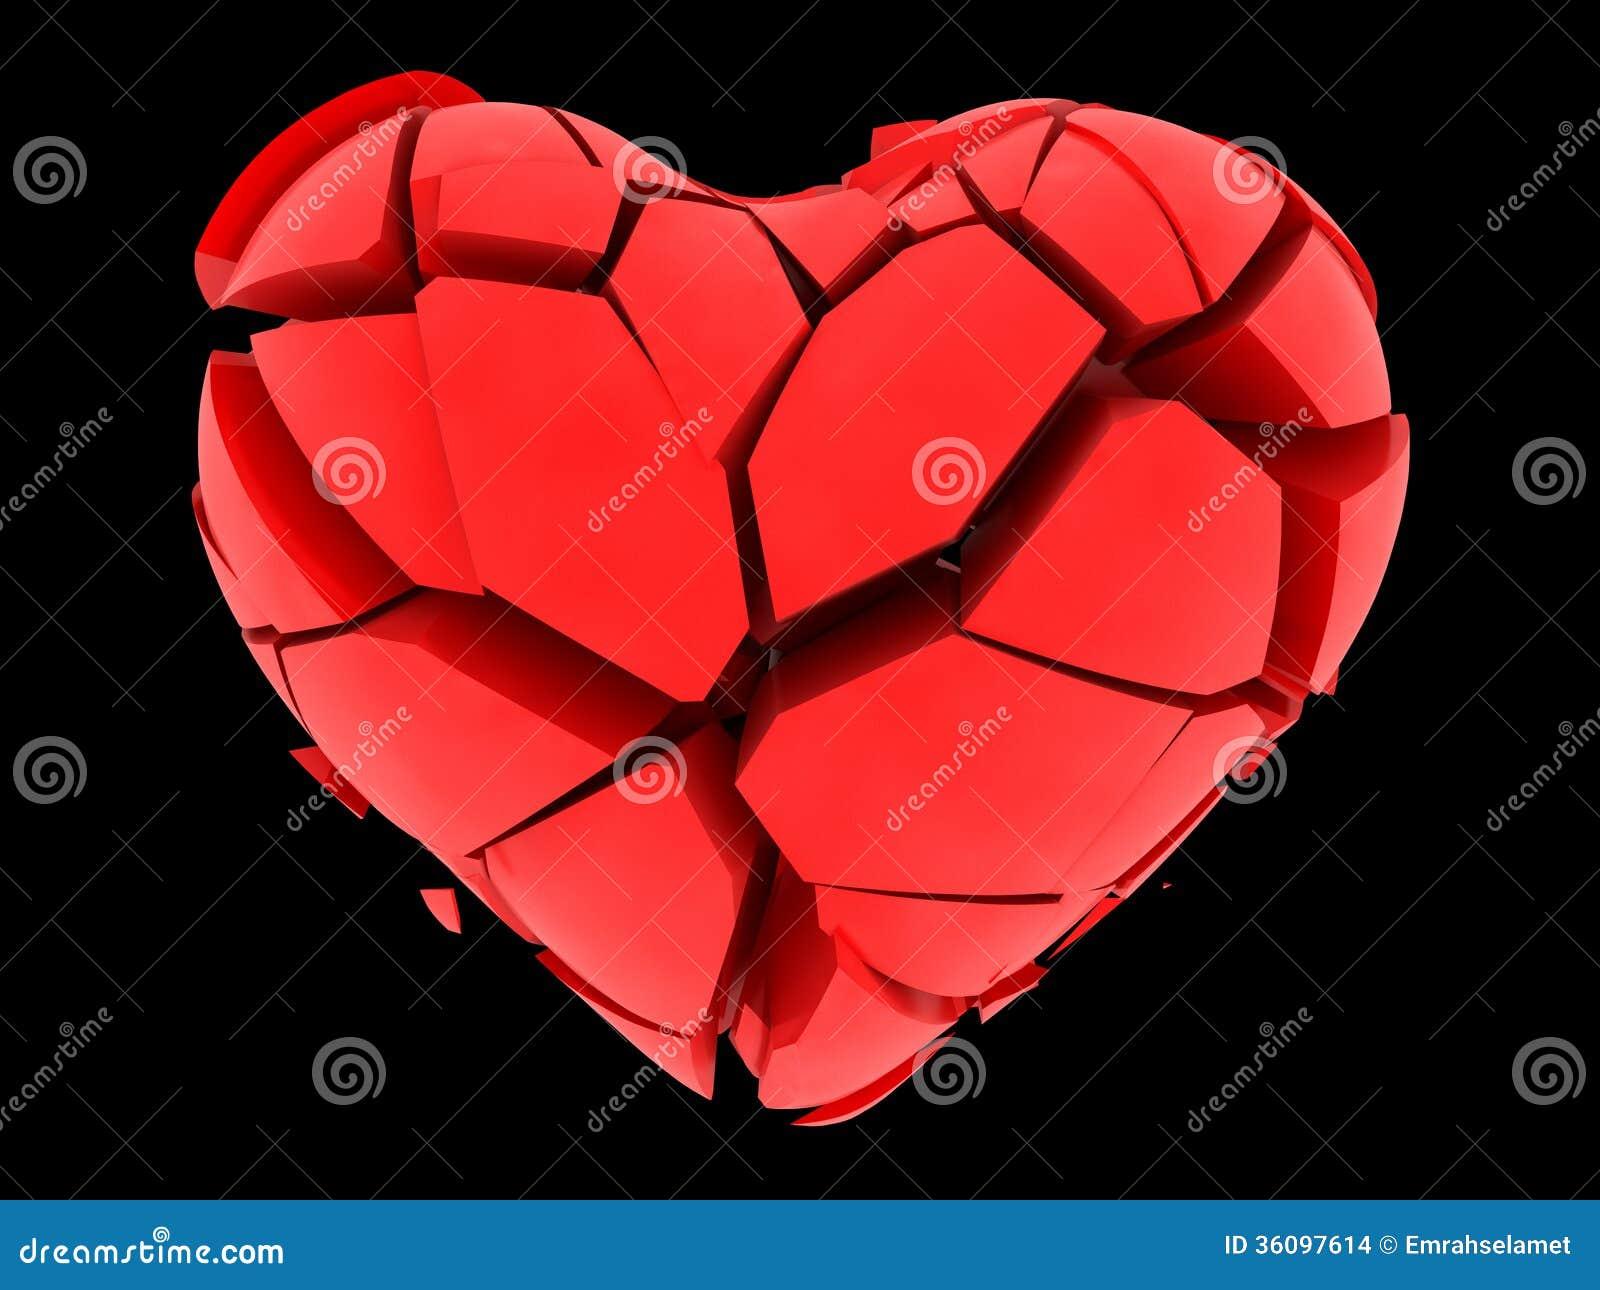 Broken Heart Stock Images Image 36097614